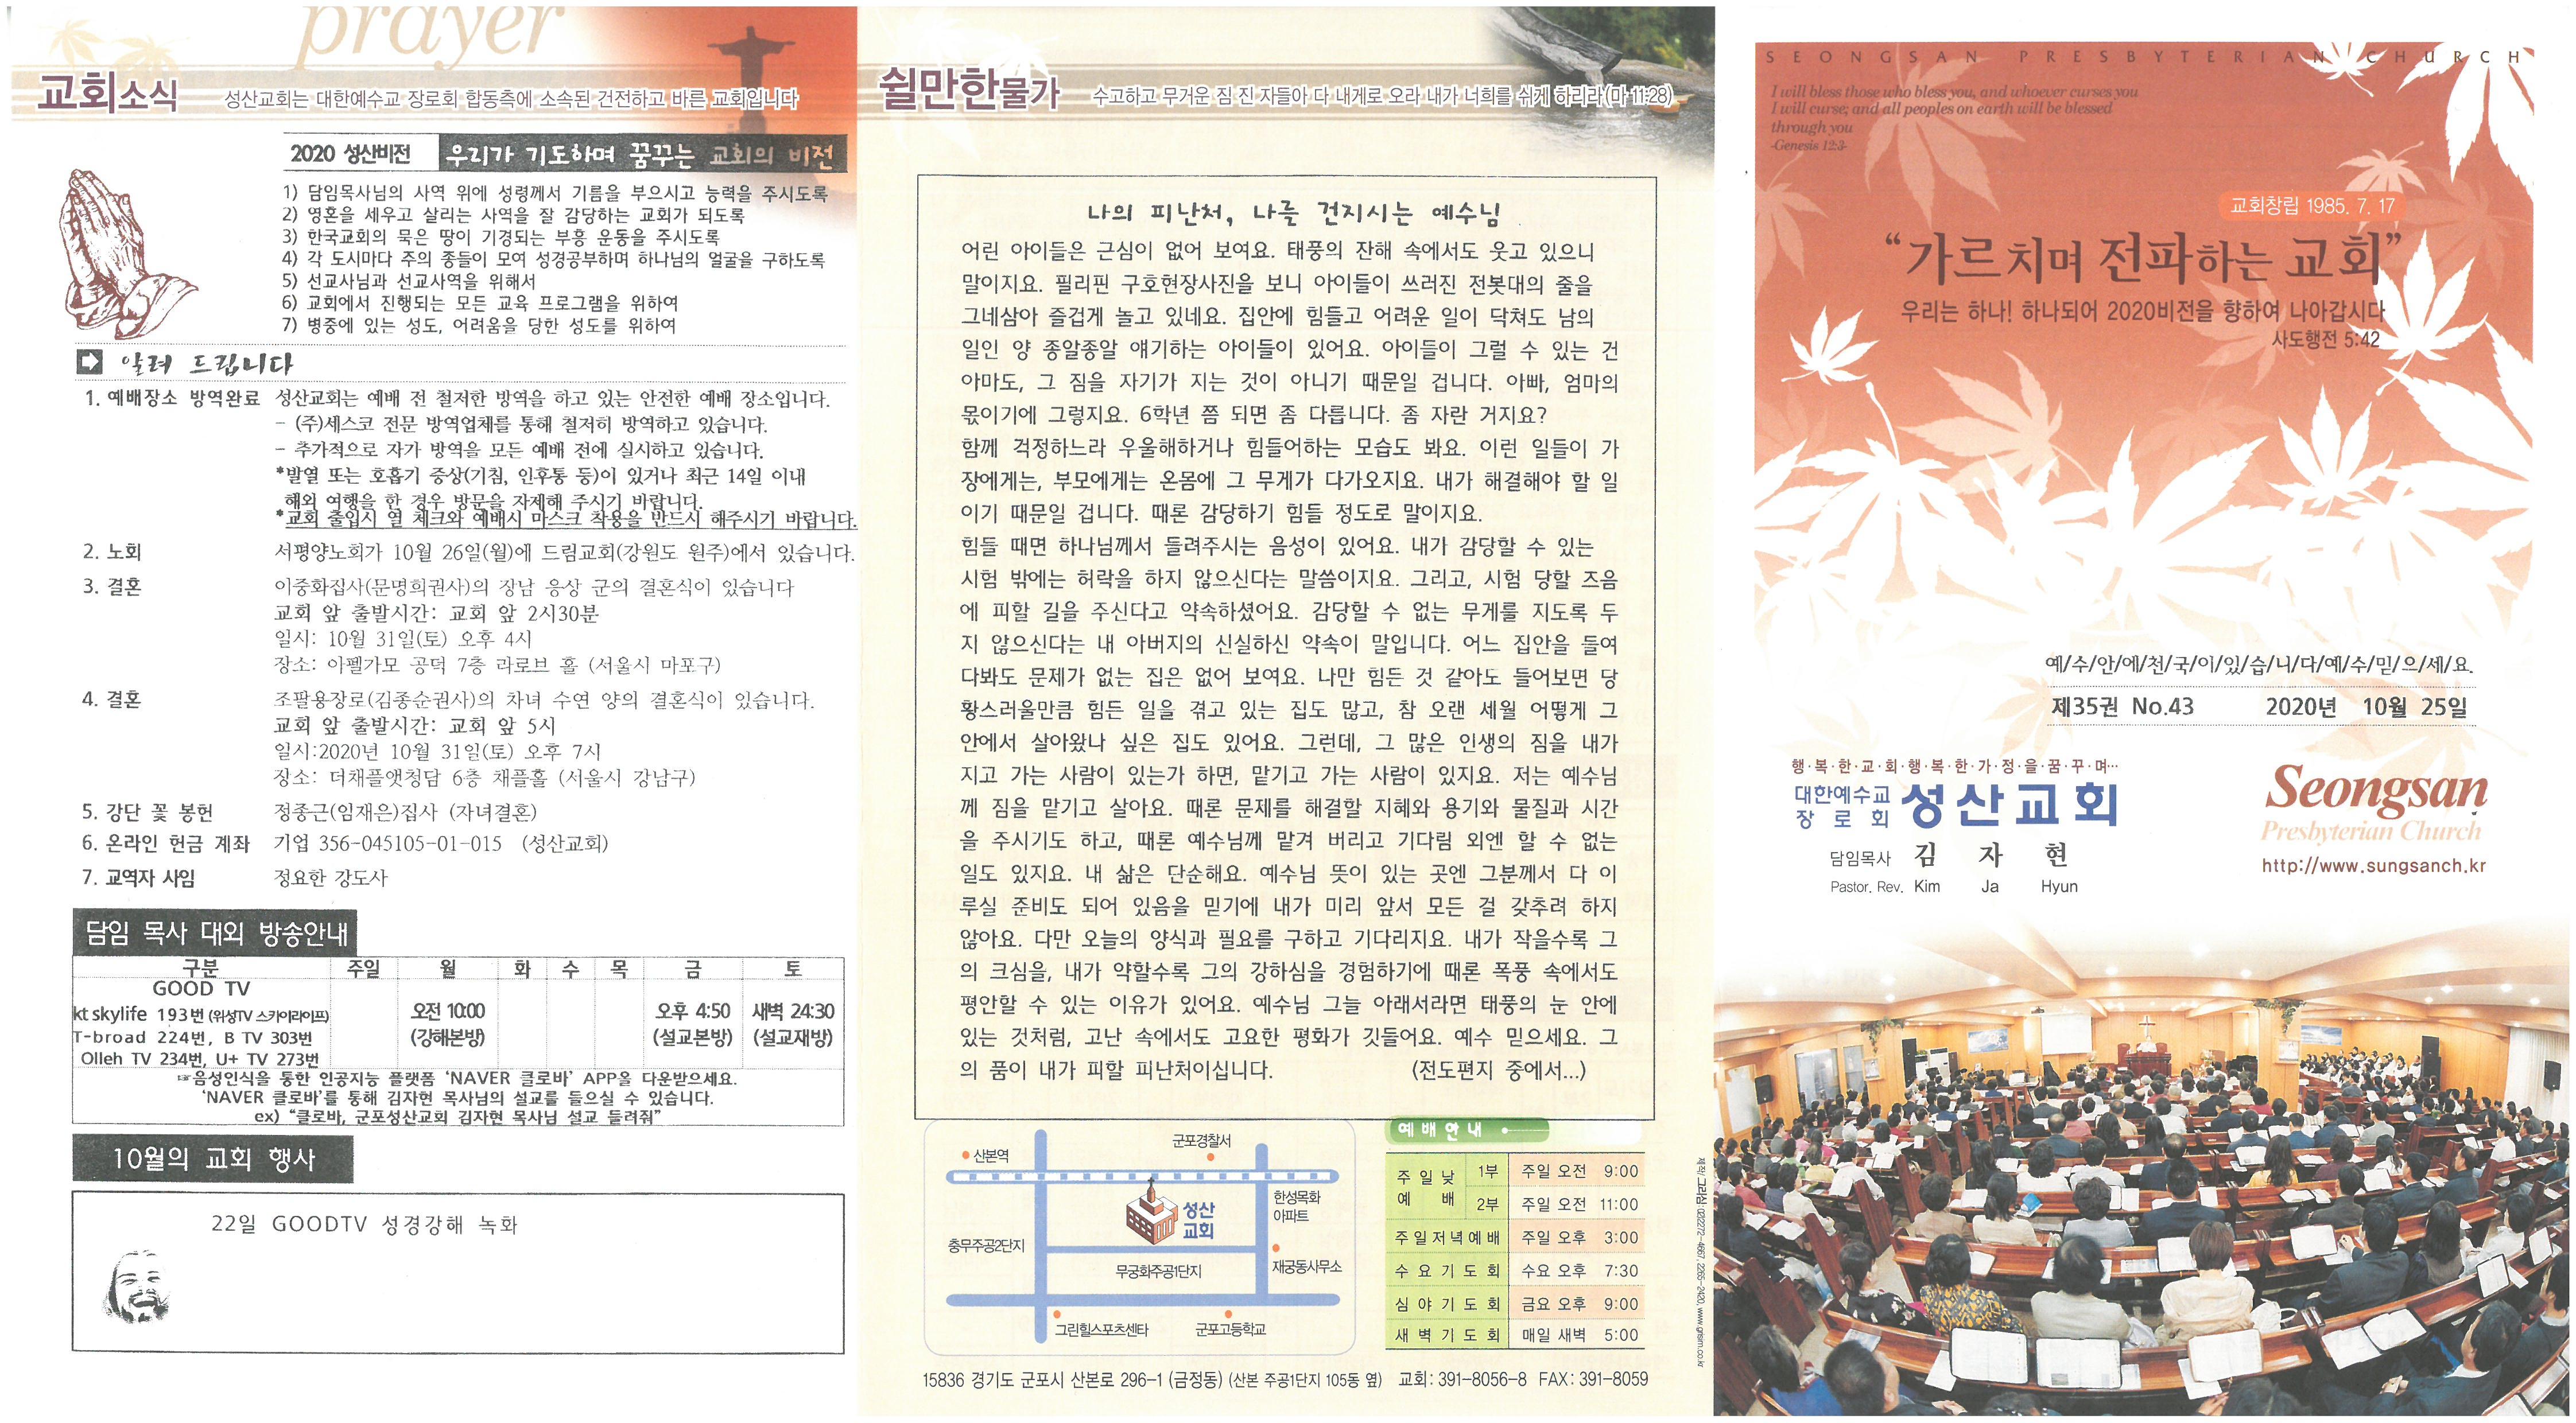 S22C-6e20102415380_0001.jpg